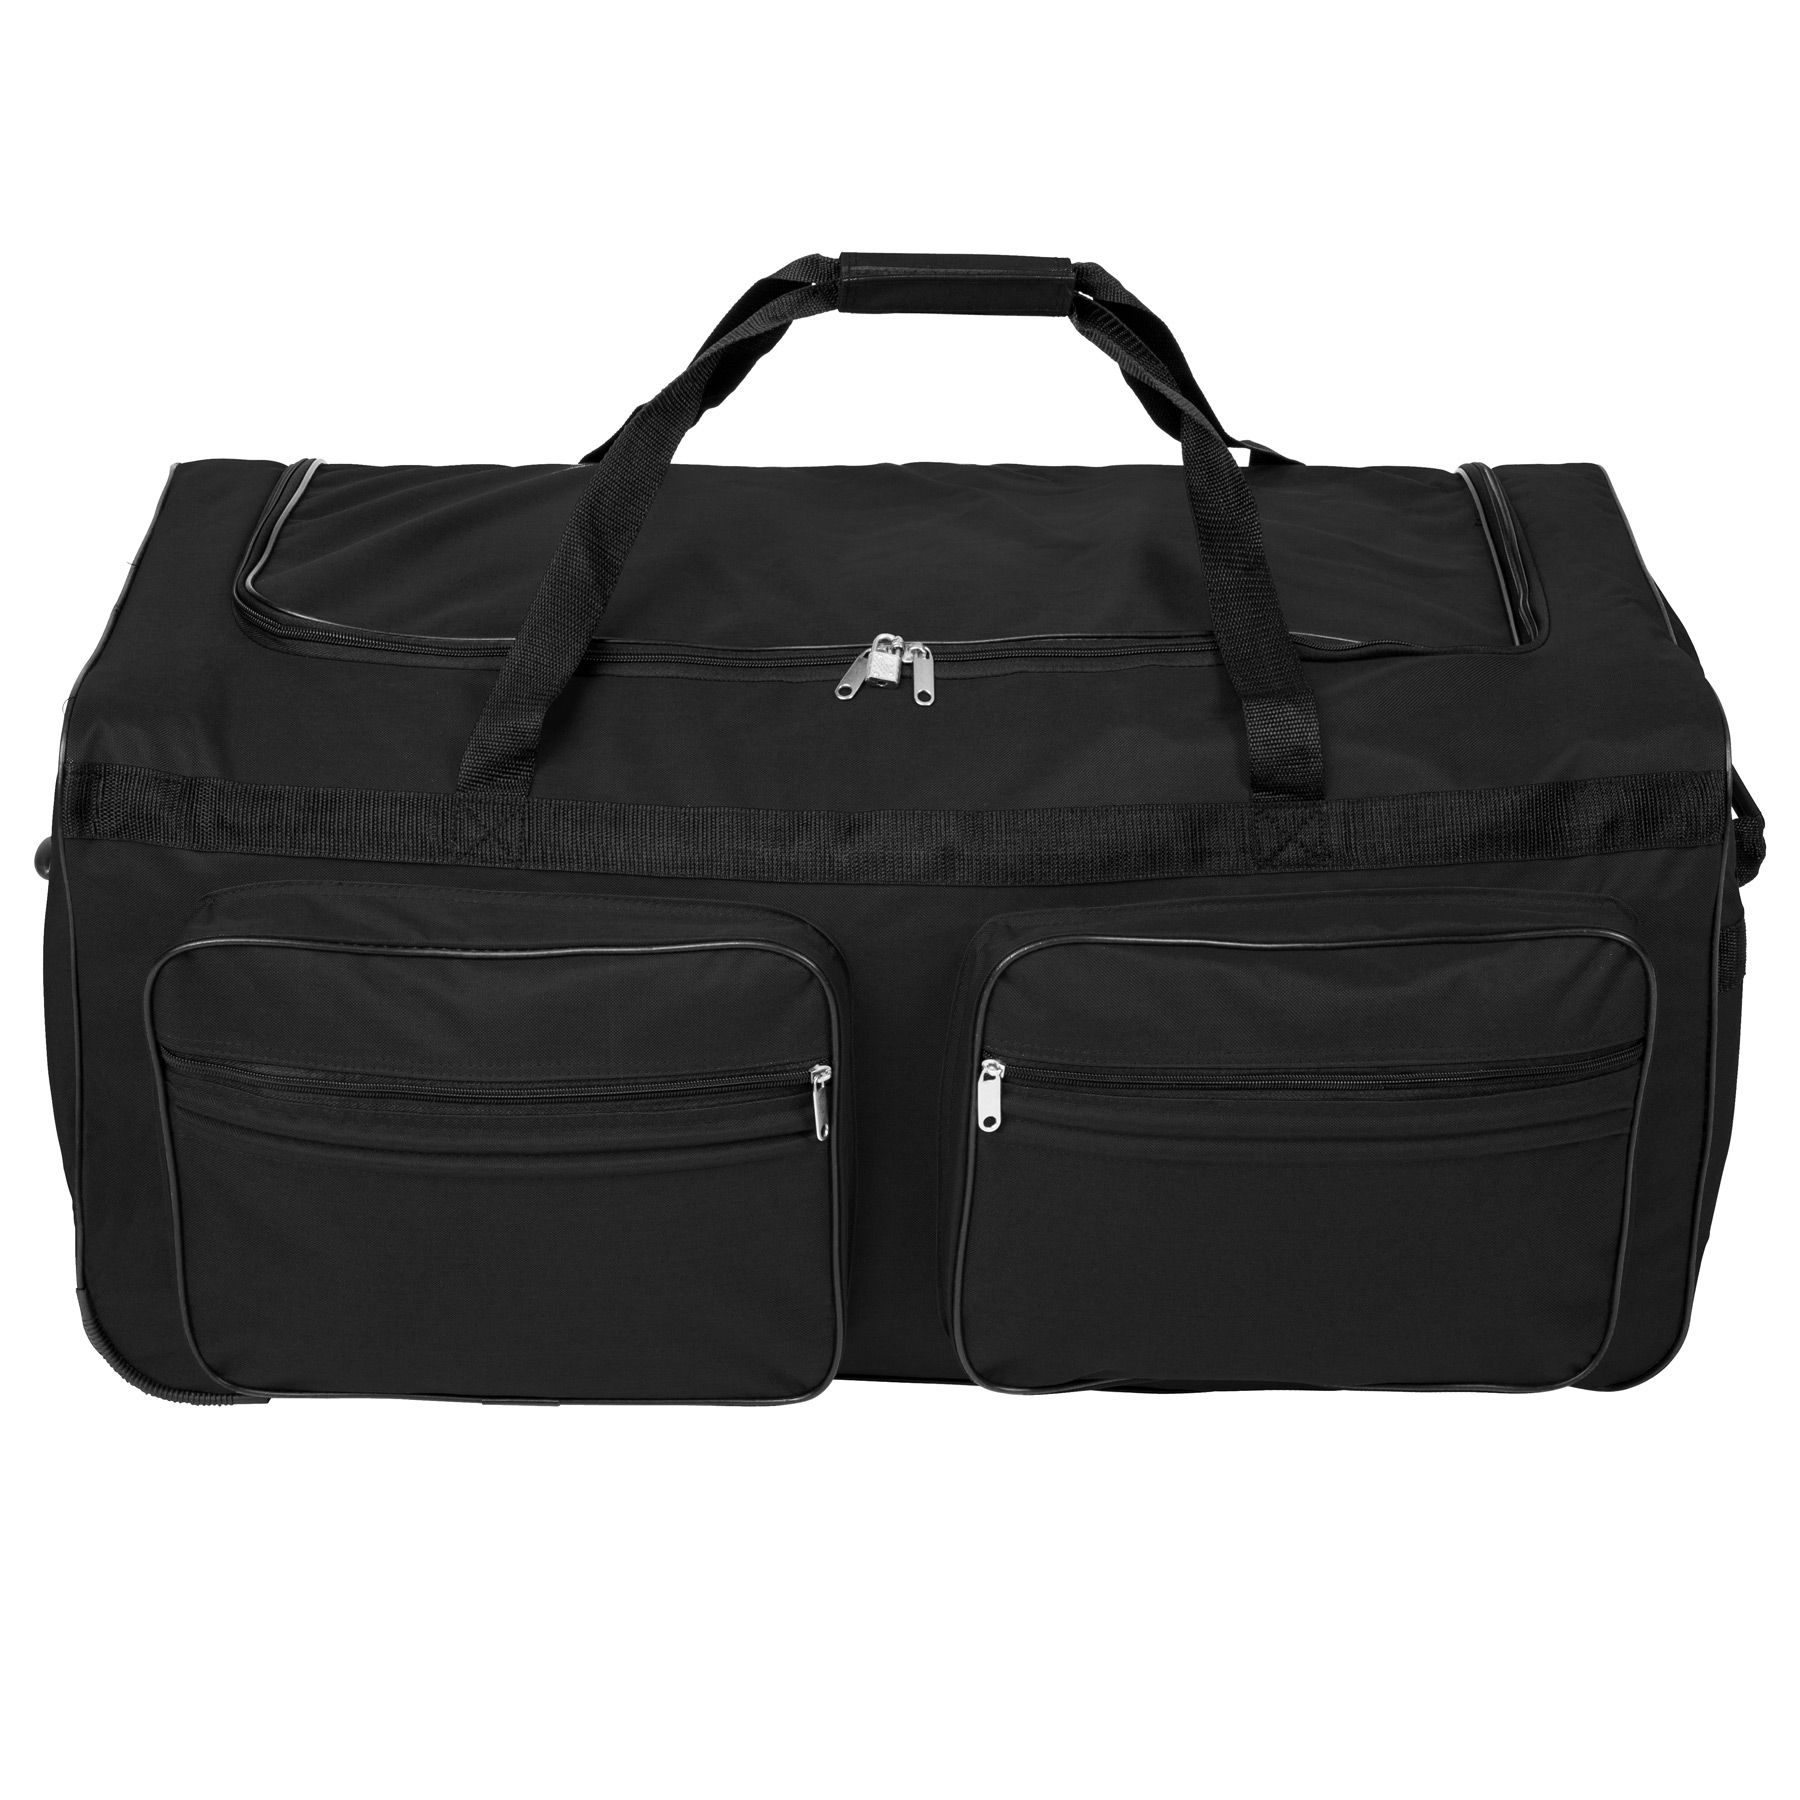 TecTake_Reisetasche_402213_2 Sac de voyage XXL valise trolley légère sport bagage à roulettes 160 litres